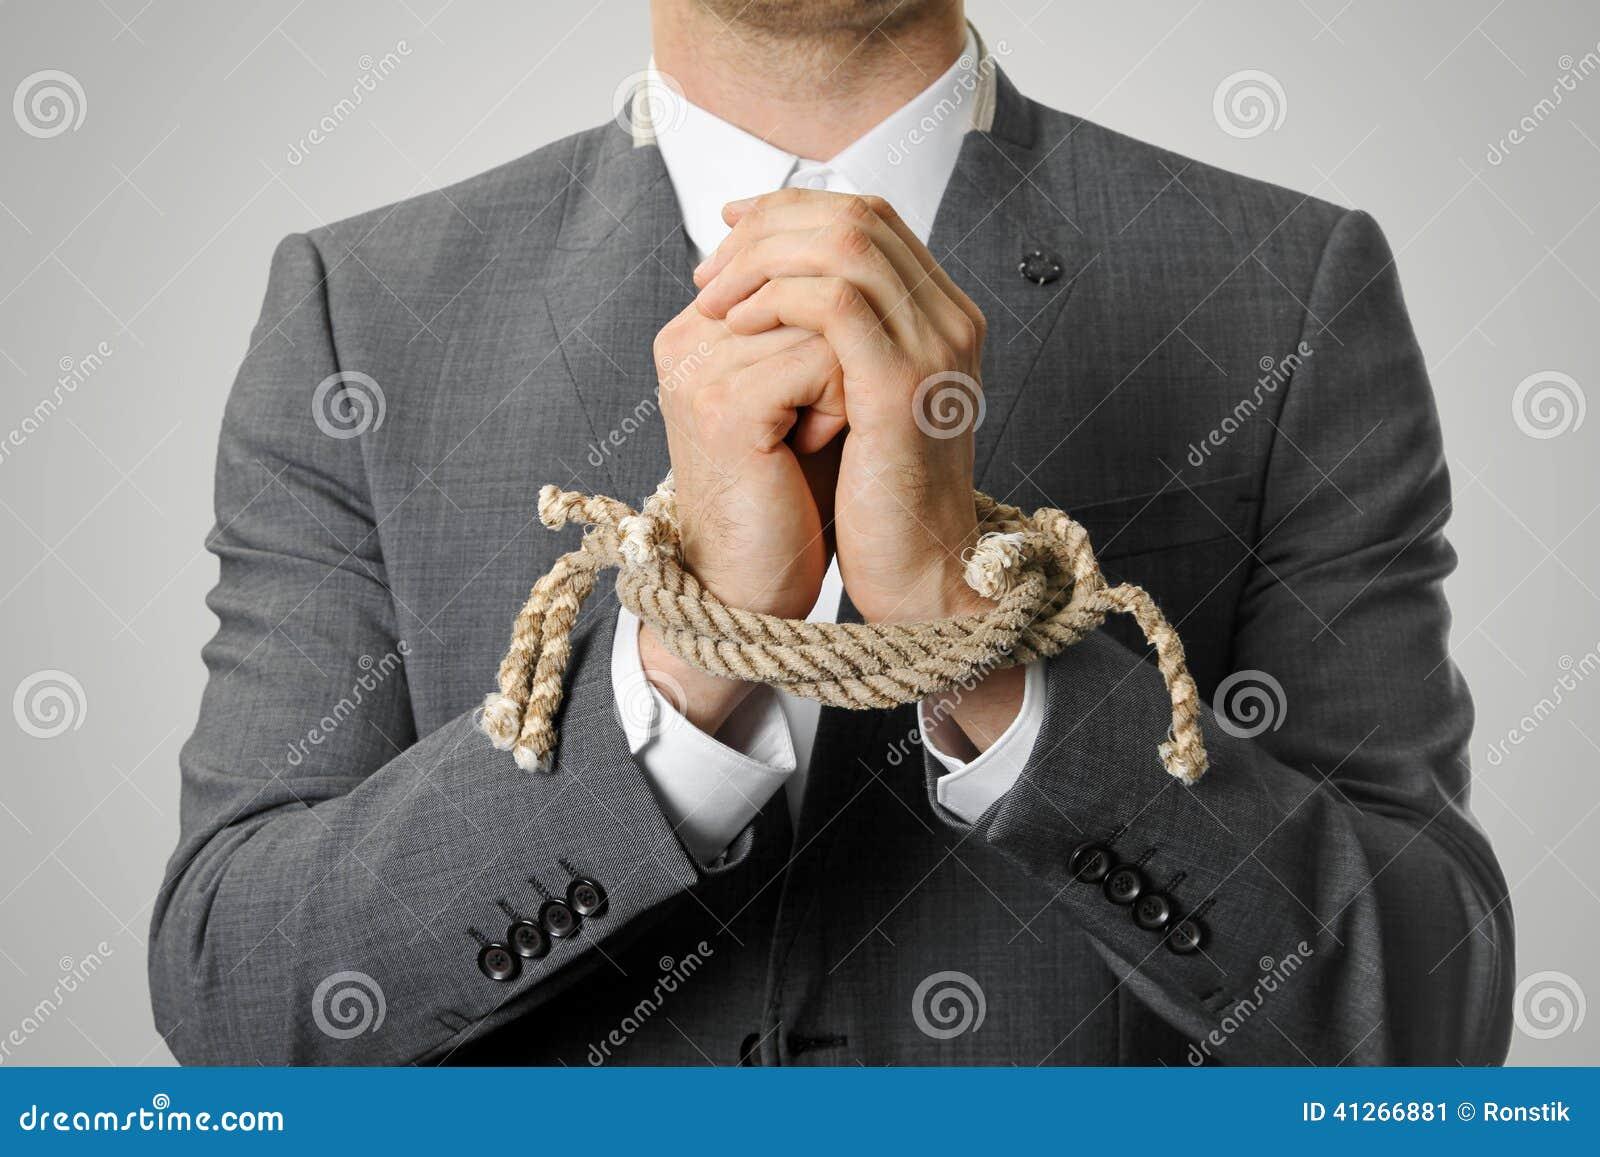 Geschäftsmann With Tied Hands